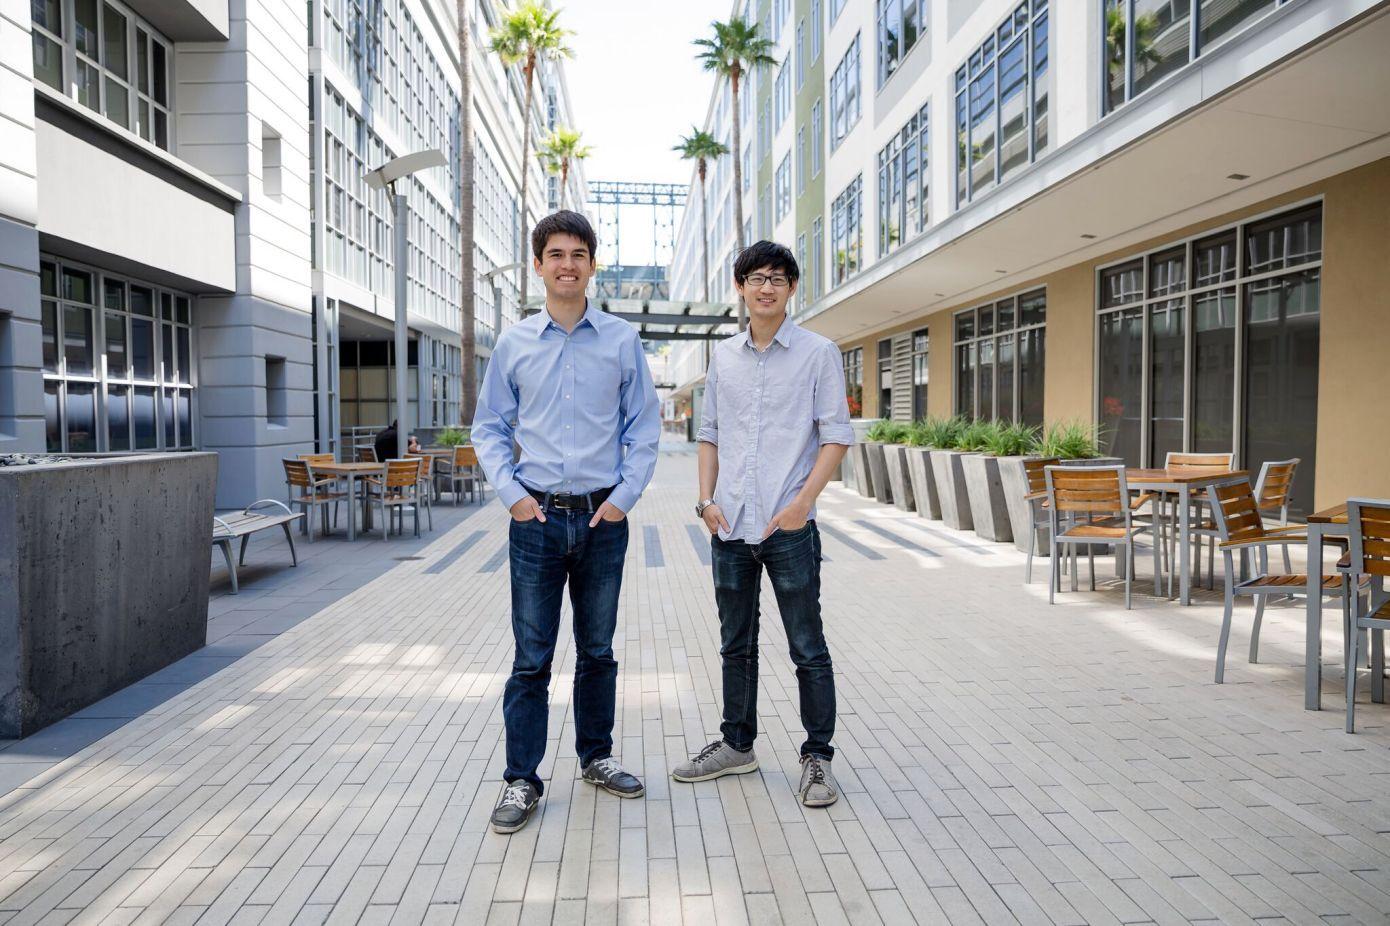 Một startup chuyên phân tích dữ liệu cho Ford Motor, Burger King và Gap vừa được định giá 4 tỷ USD - Ảnh 1.